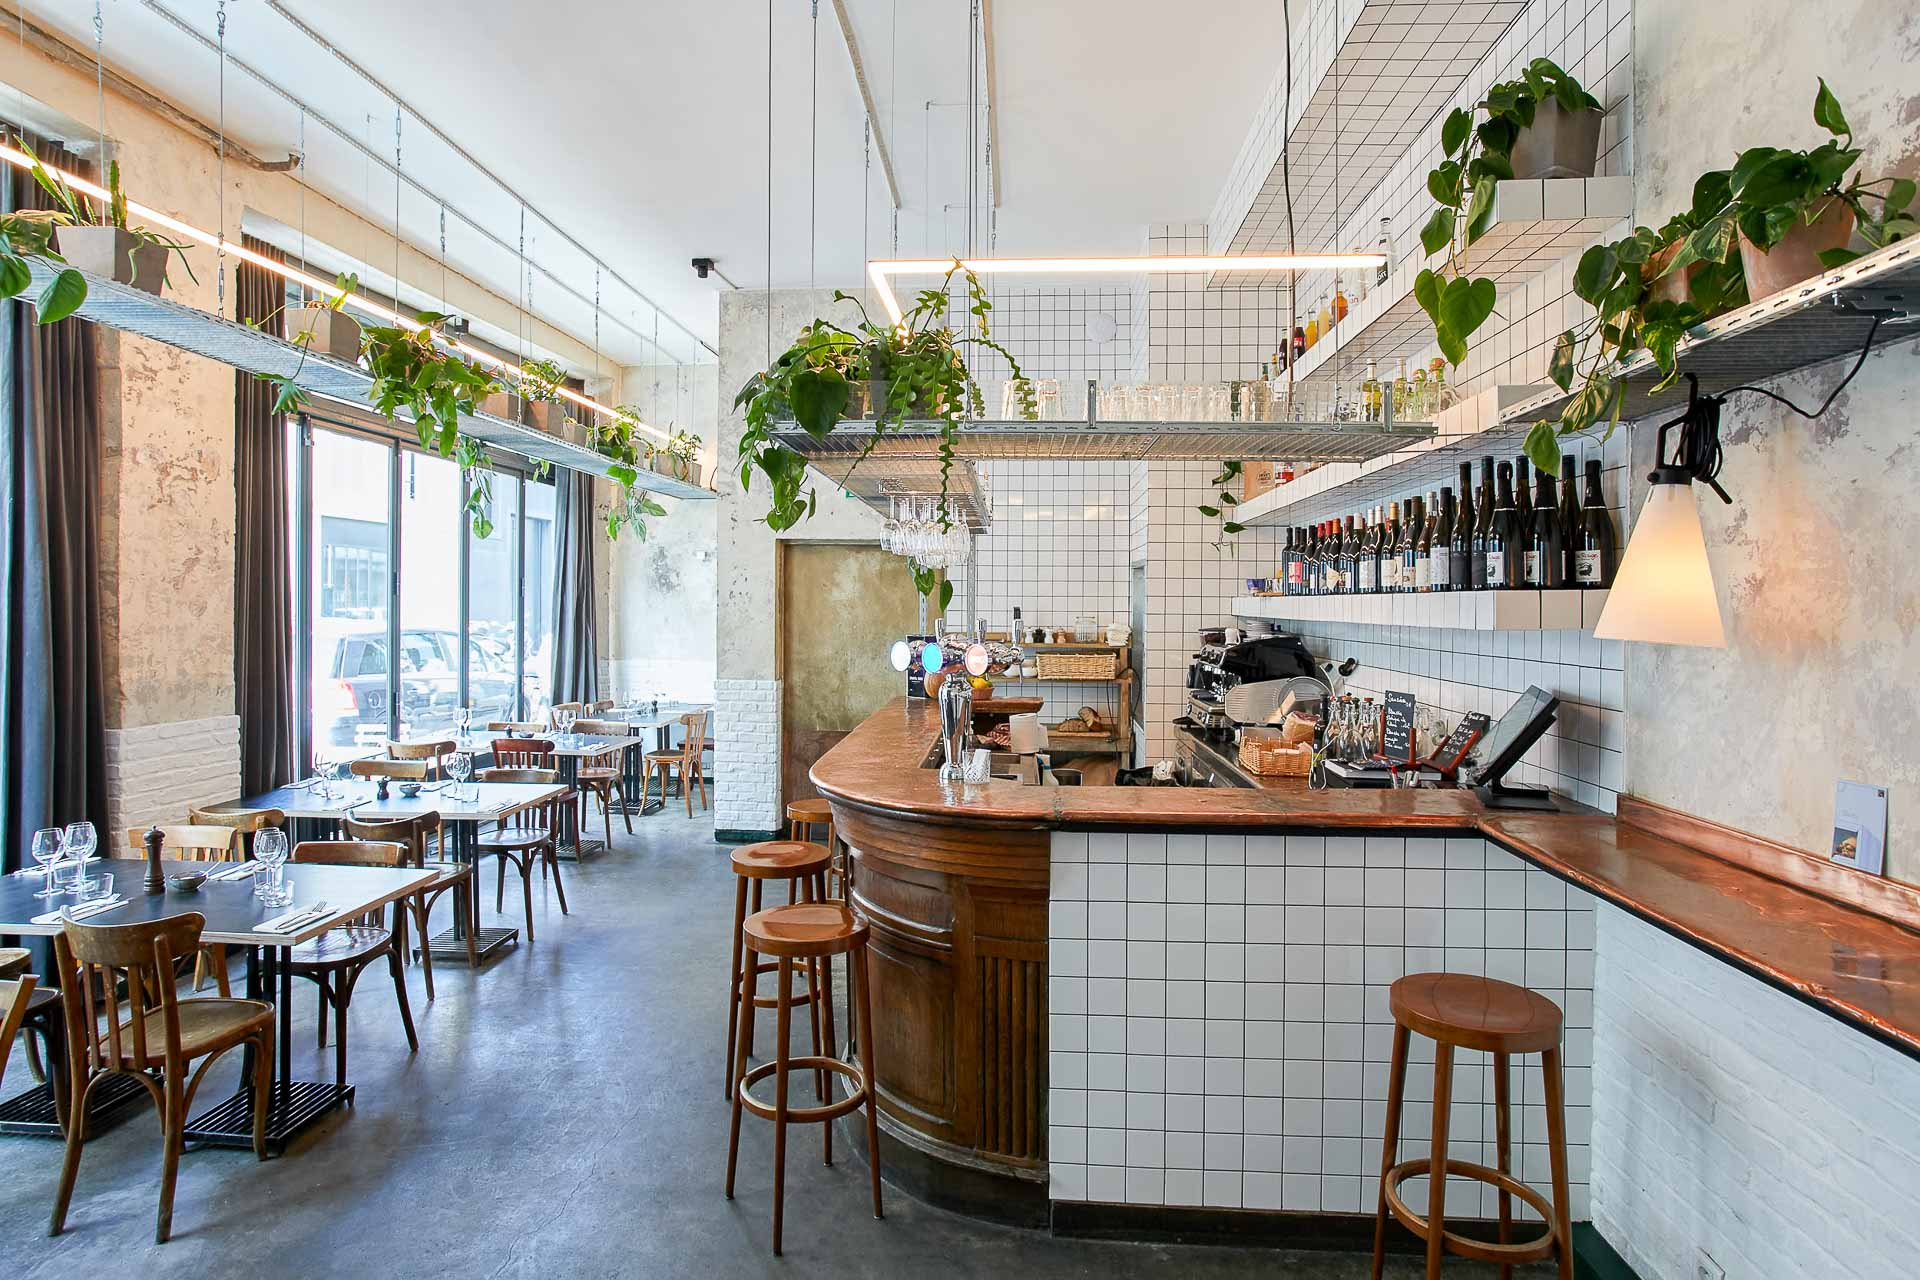 Ce ne sont pas des ouvertures mais des restaurants qui ont récemment évolué (changements d'équipes, nouveaux décors, concepts repensés…). Sélection de 5 tables parisiennes dans le coup, à (re)découvrir d'urgence cet automne.